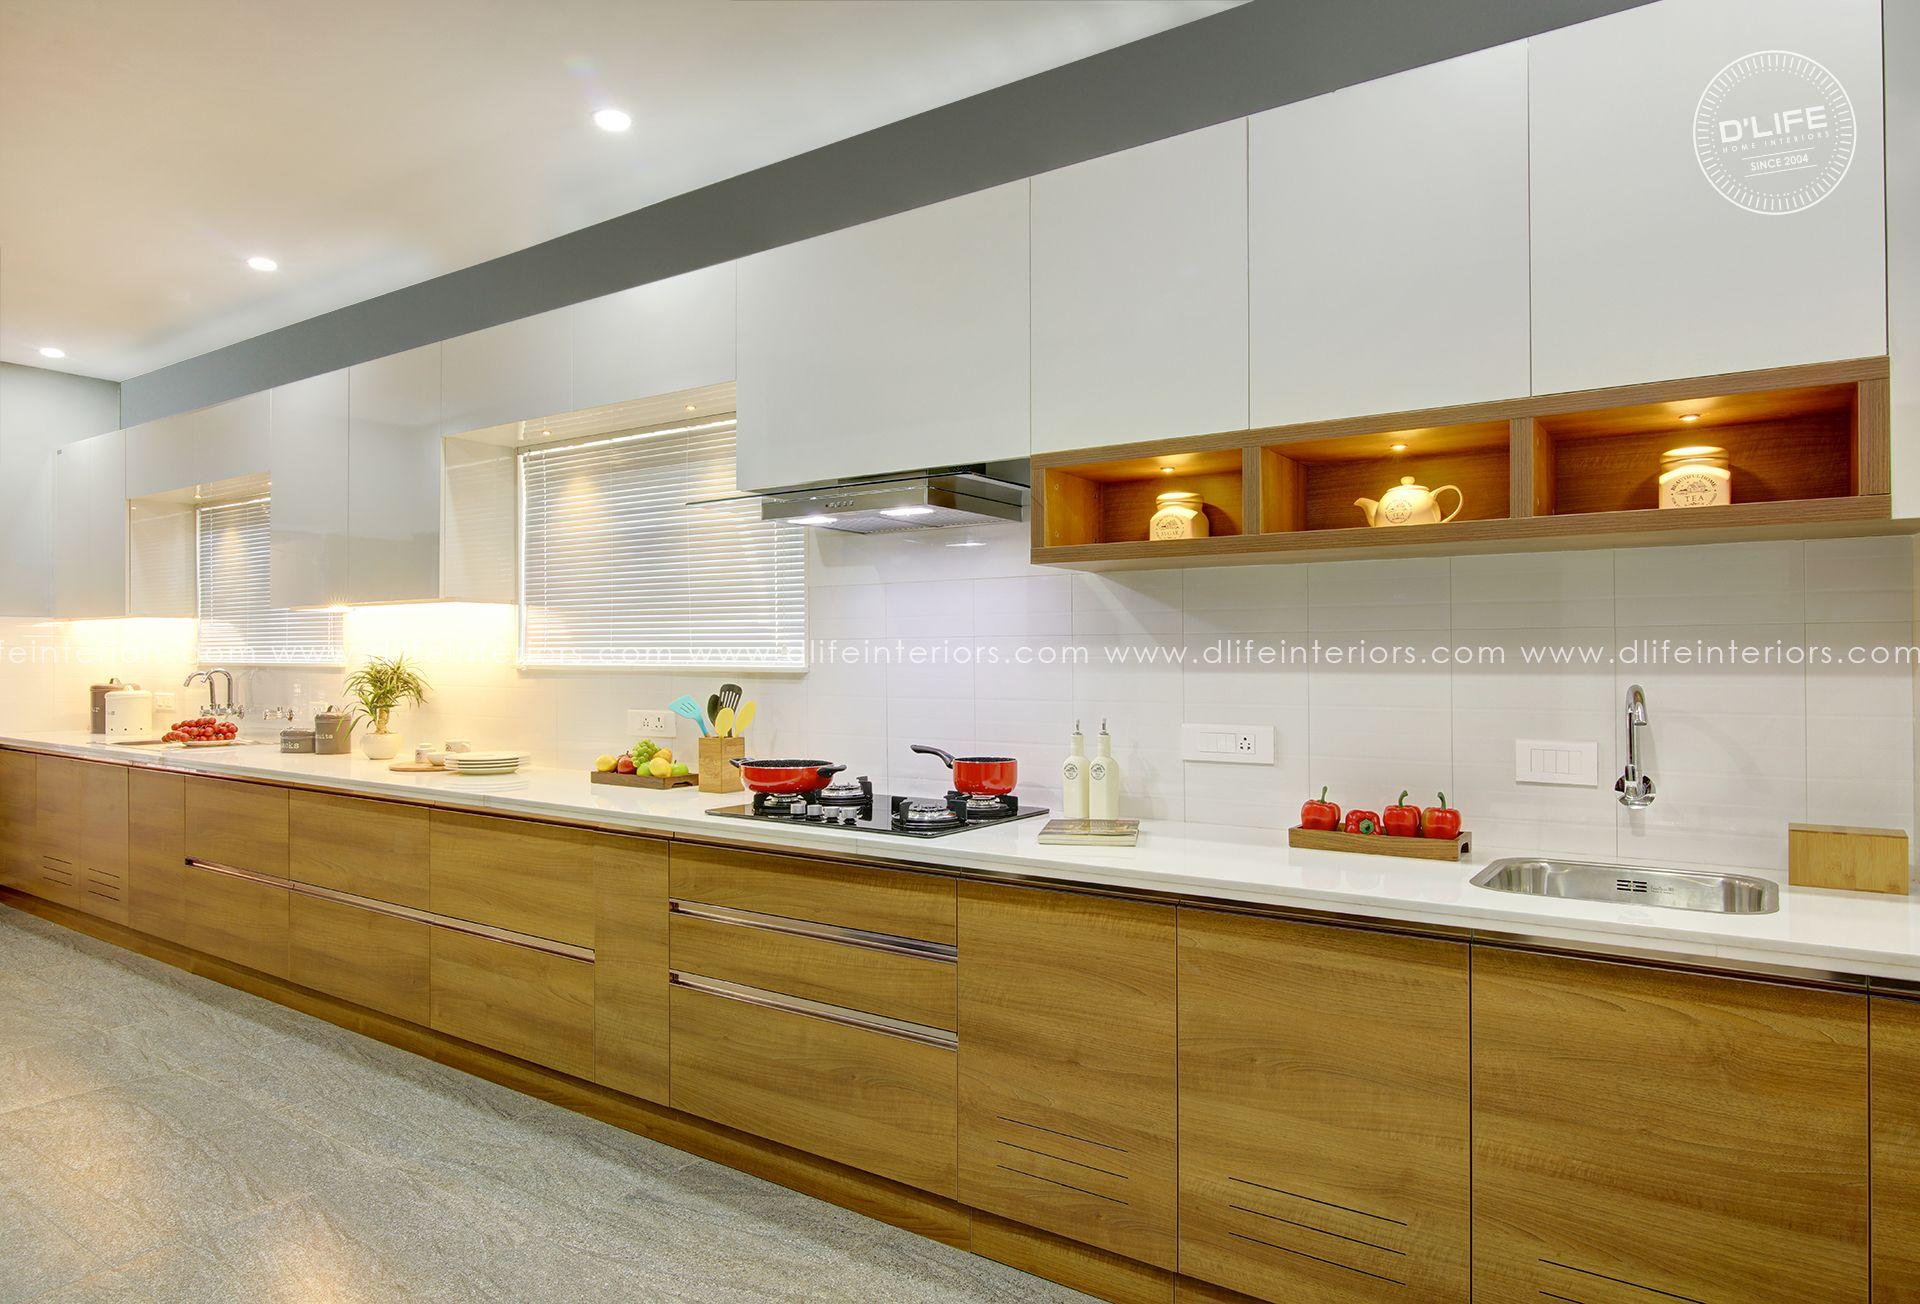 M G Sreekumar kitchen design   Modular kitchen designs, Interior ...